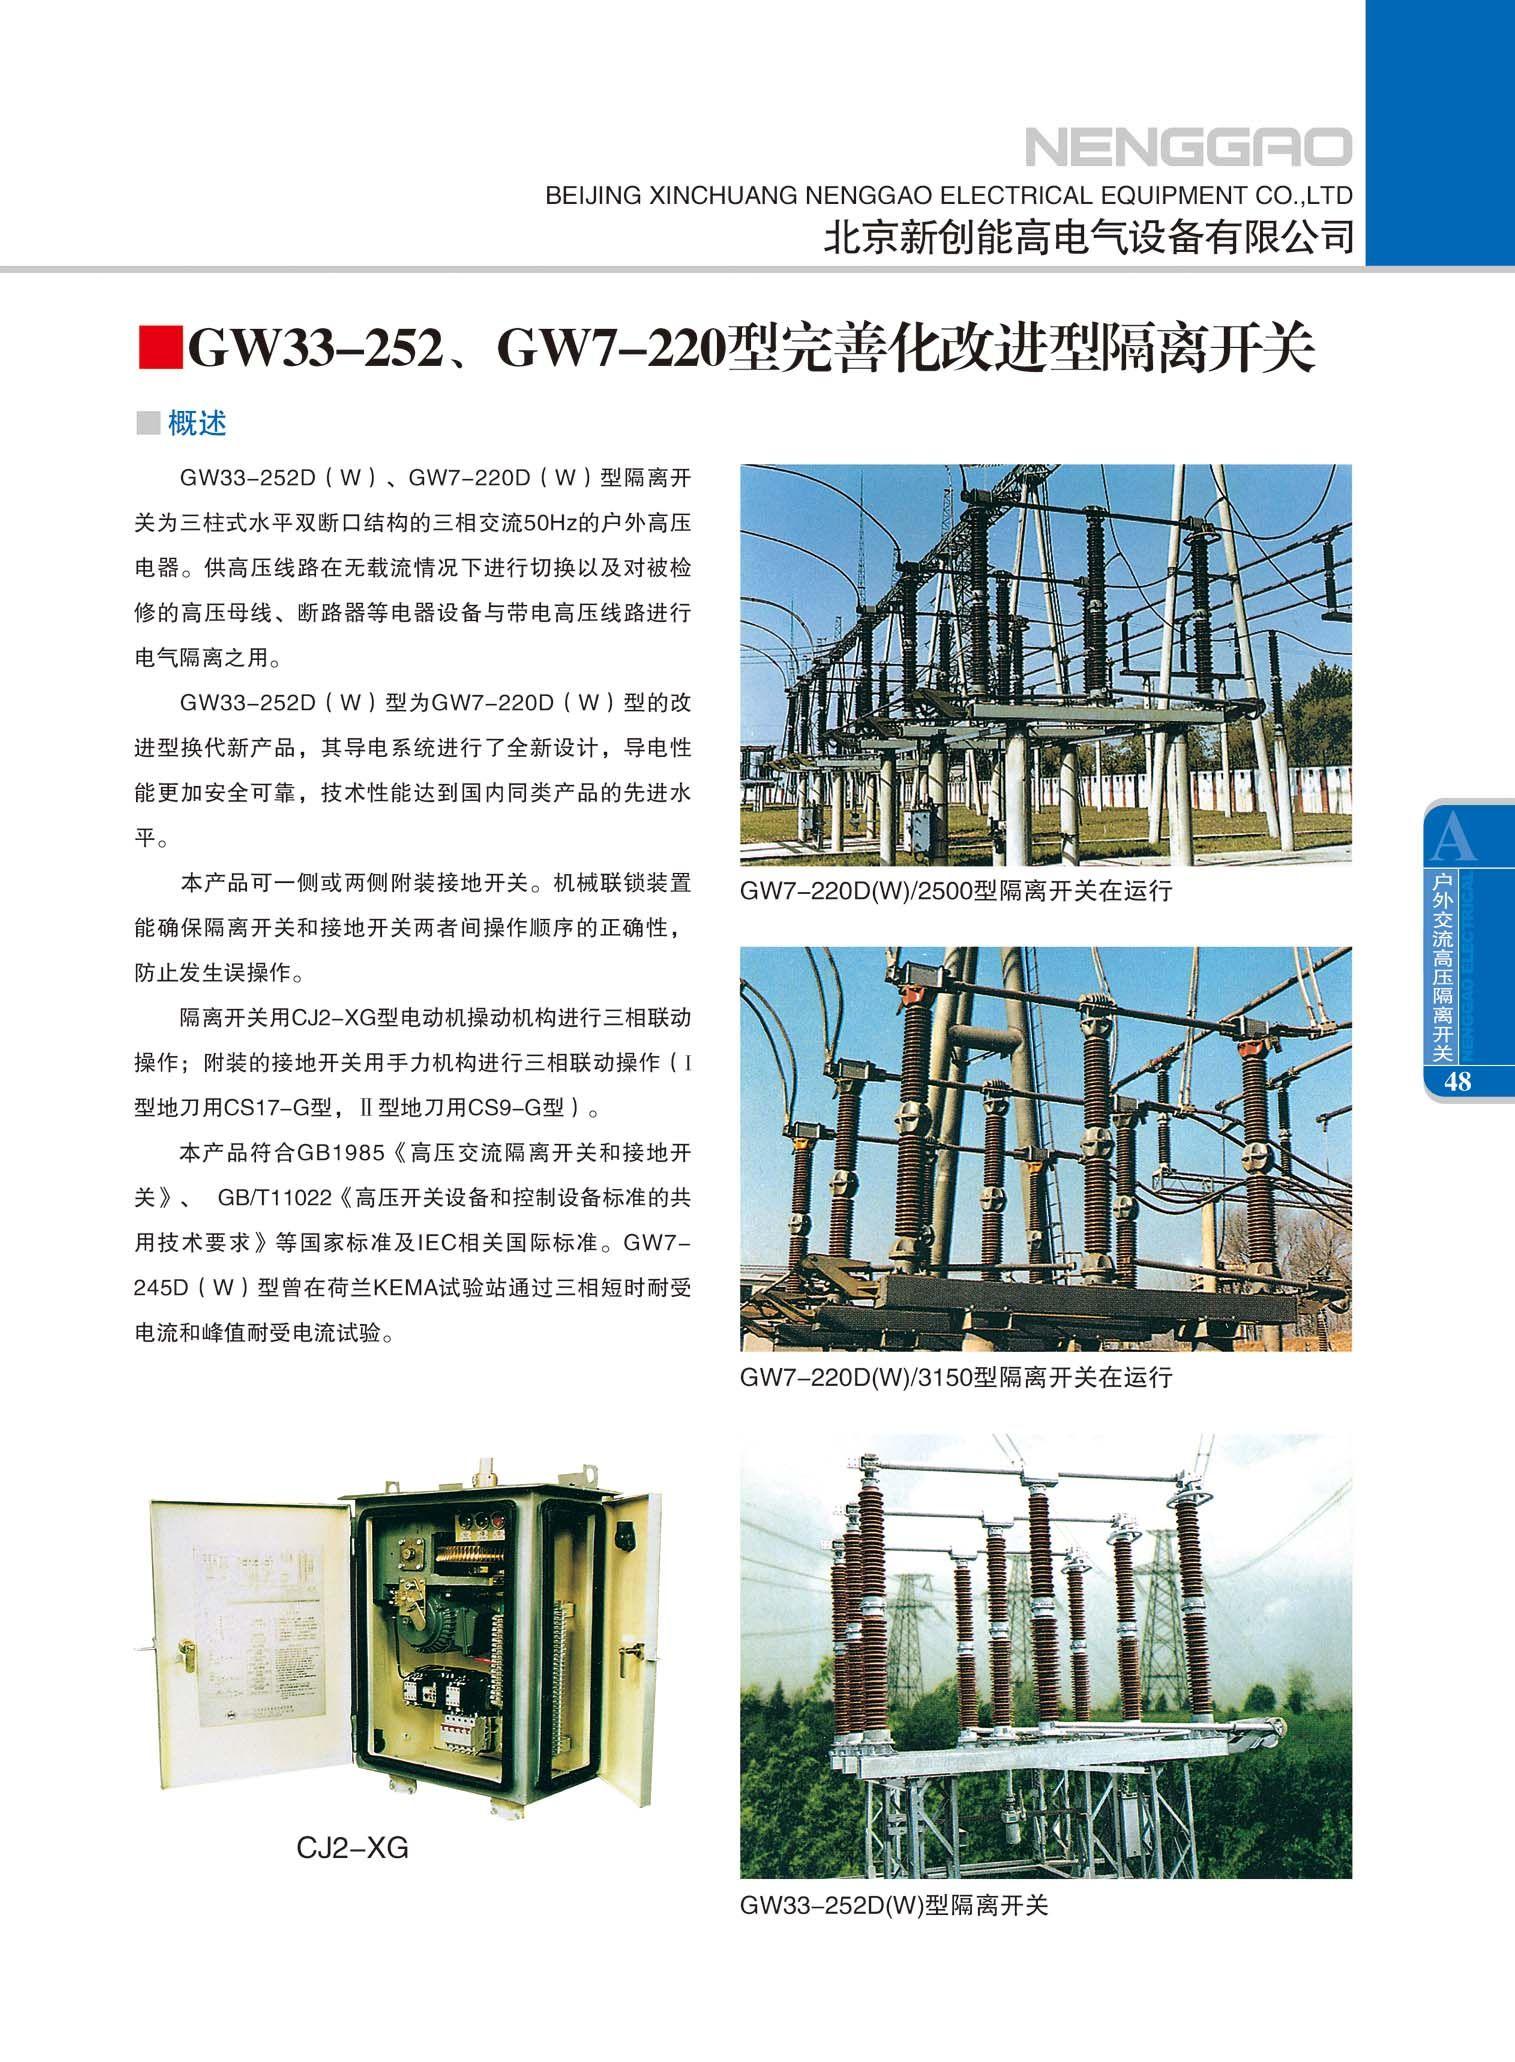 GW33A-252、GW7-220完善化改进型隔离开关